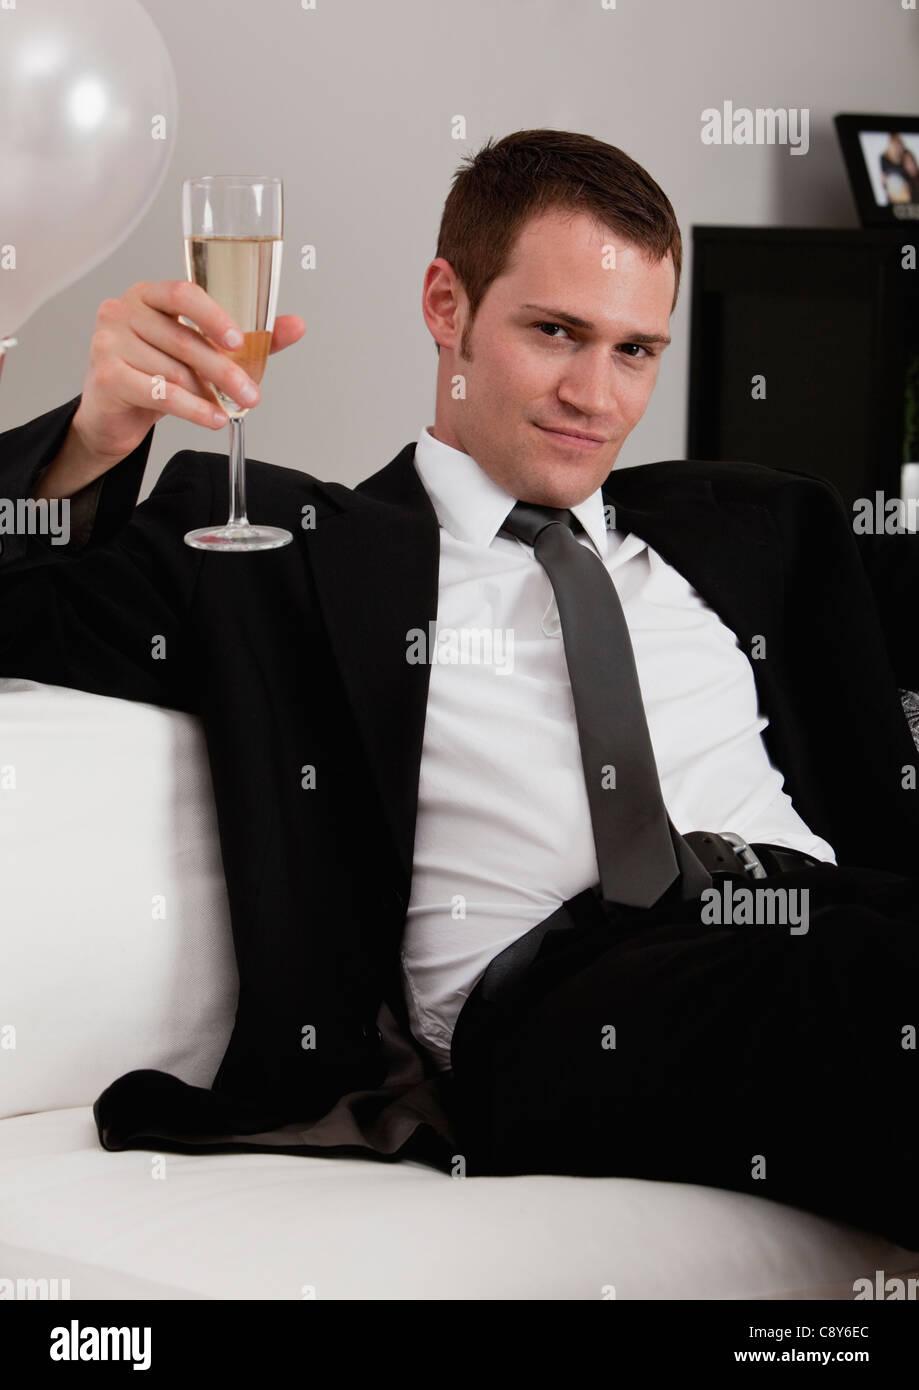 Brindemos en Navidad - Página 2 Joven-hombre-elegante-brindando-con-champagne-c8y6ec